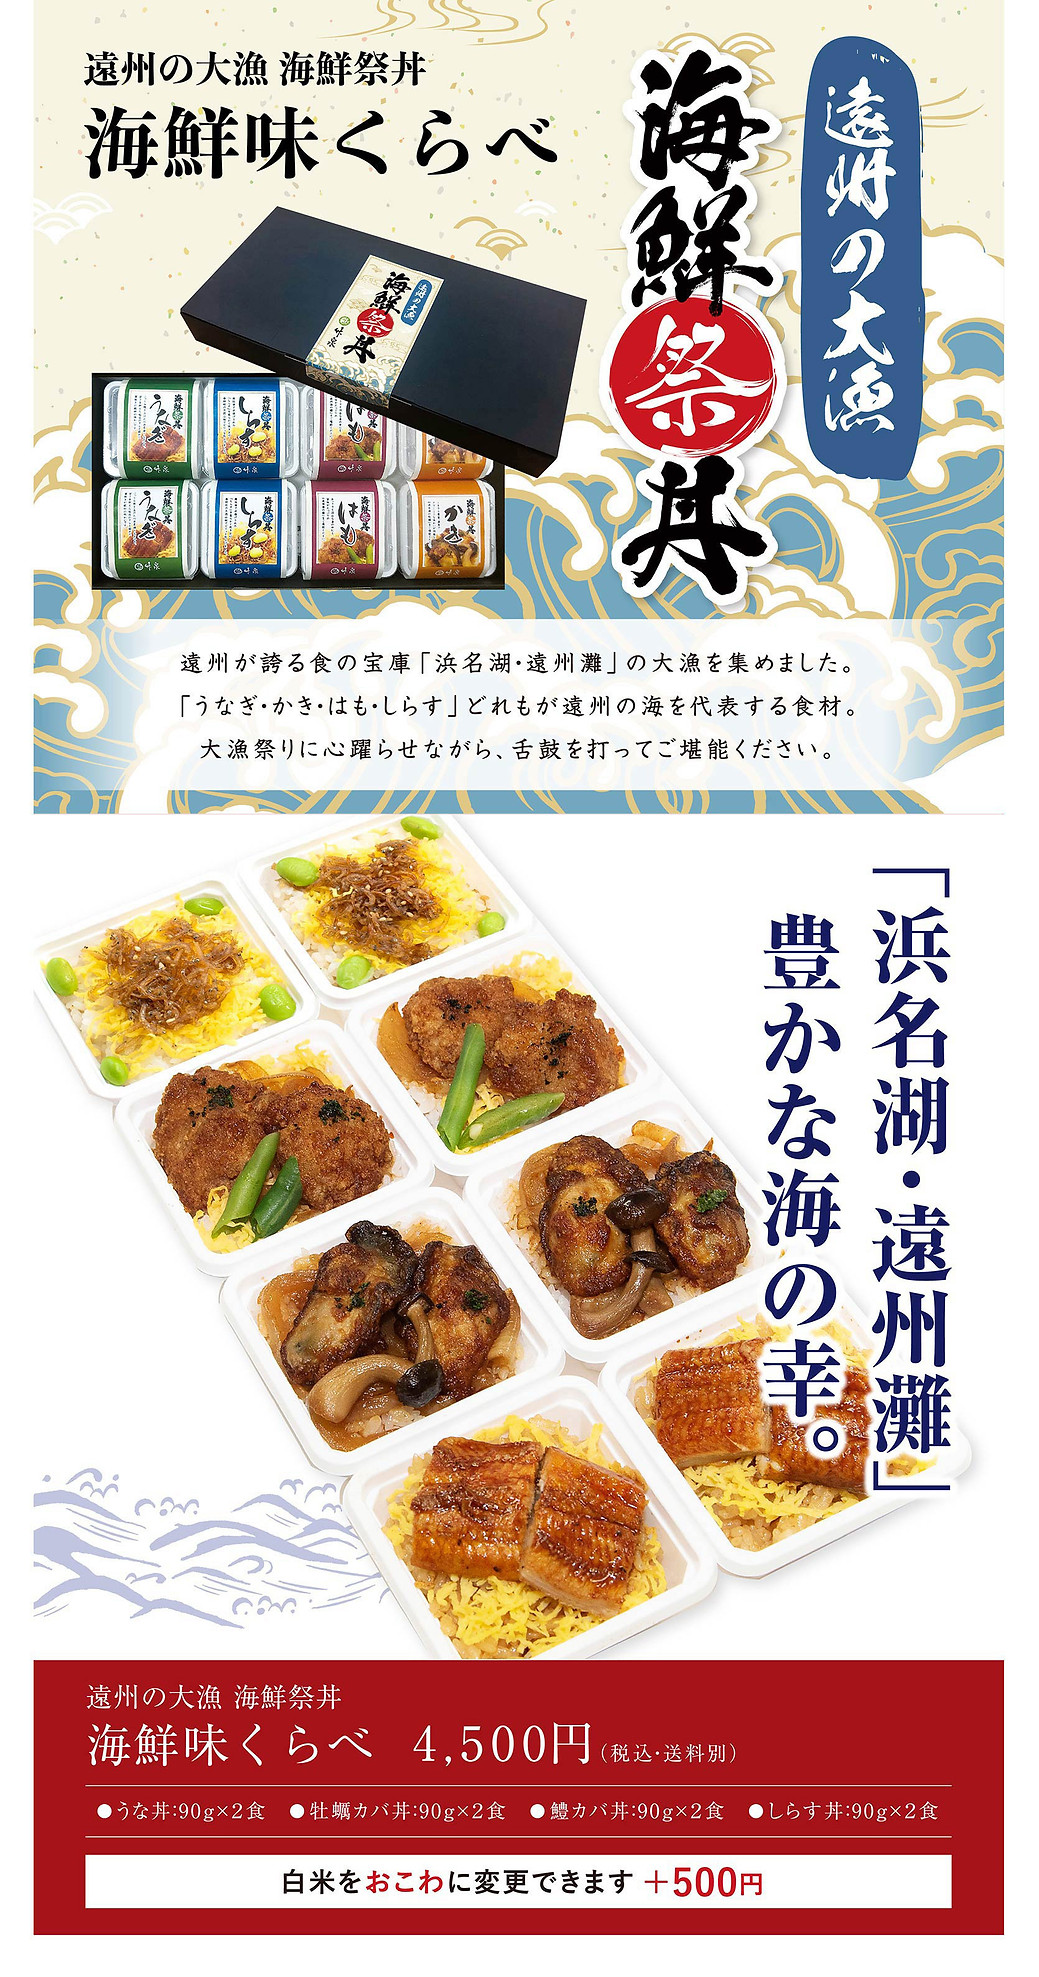 kaisenmatsuridon-01.jpg